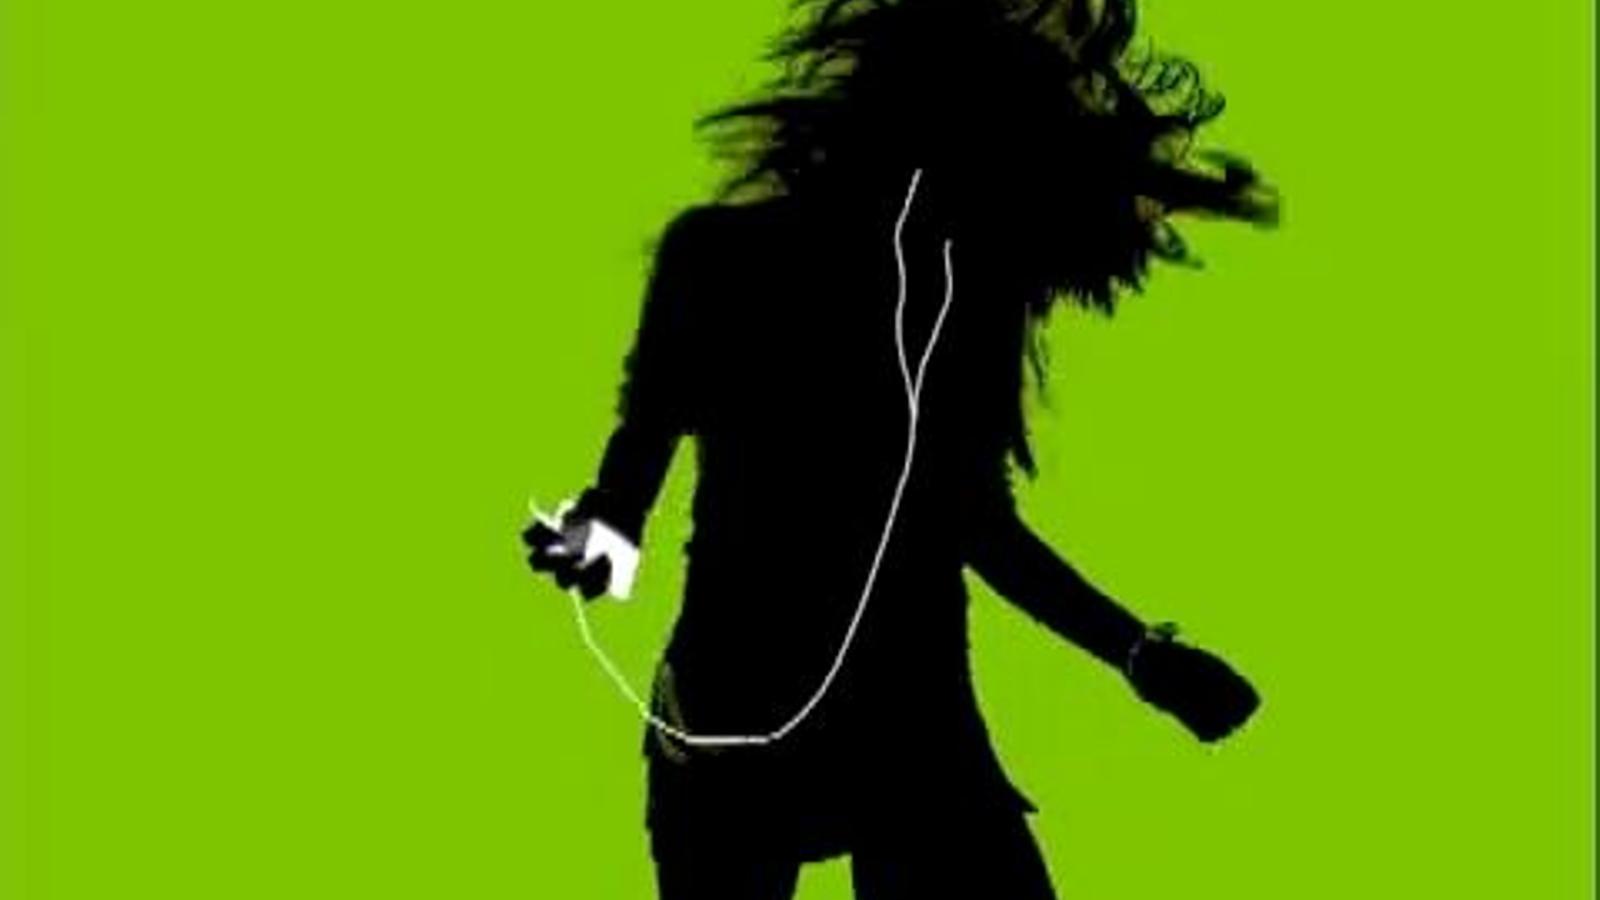 Anunci de l'iPod 3G, amb 'Are you gonna be my girl?' de la banda australiana Jet com a banda sonora